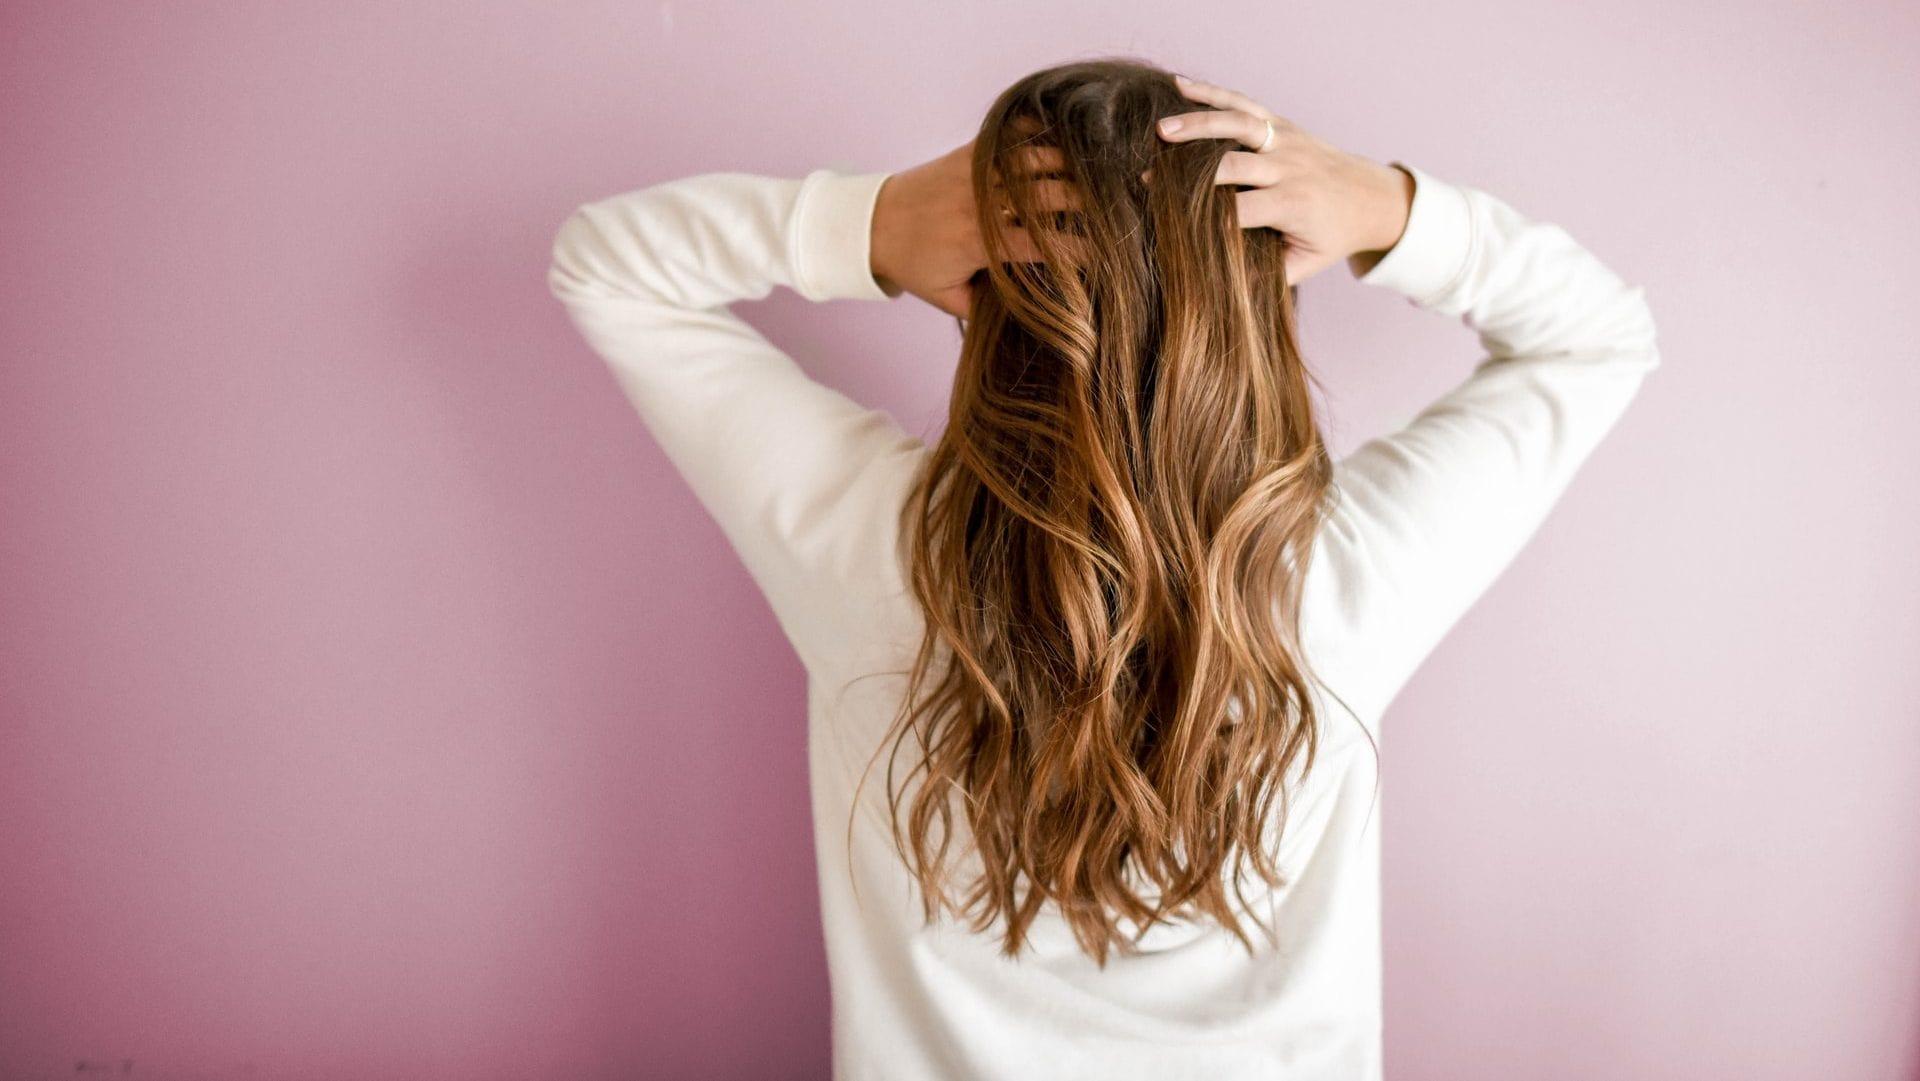 Vrouw met lang haar achterzijde, op roze achtergrond